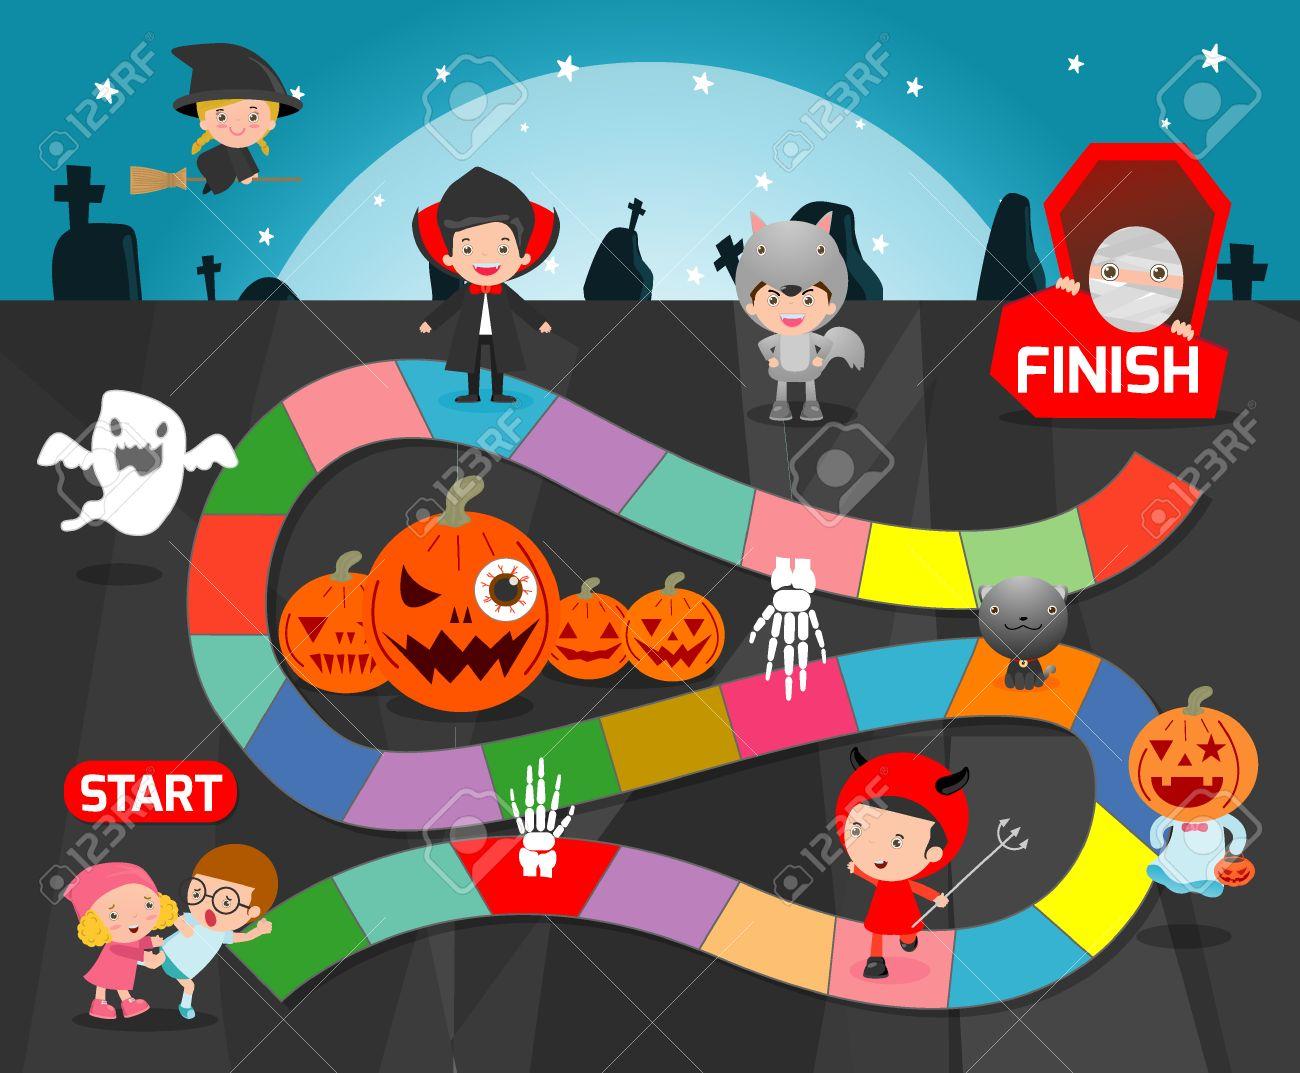 foto de archivo juego de mesa con halloween juegos para nios juego de mesa infantil ilustracin